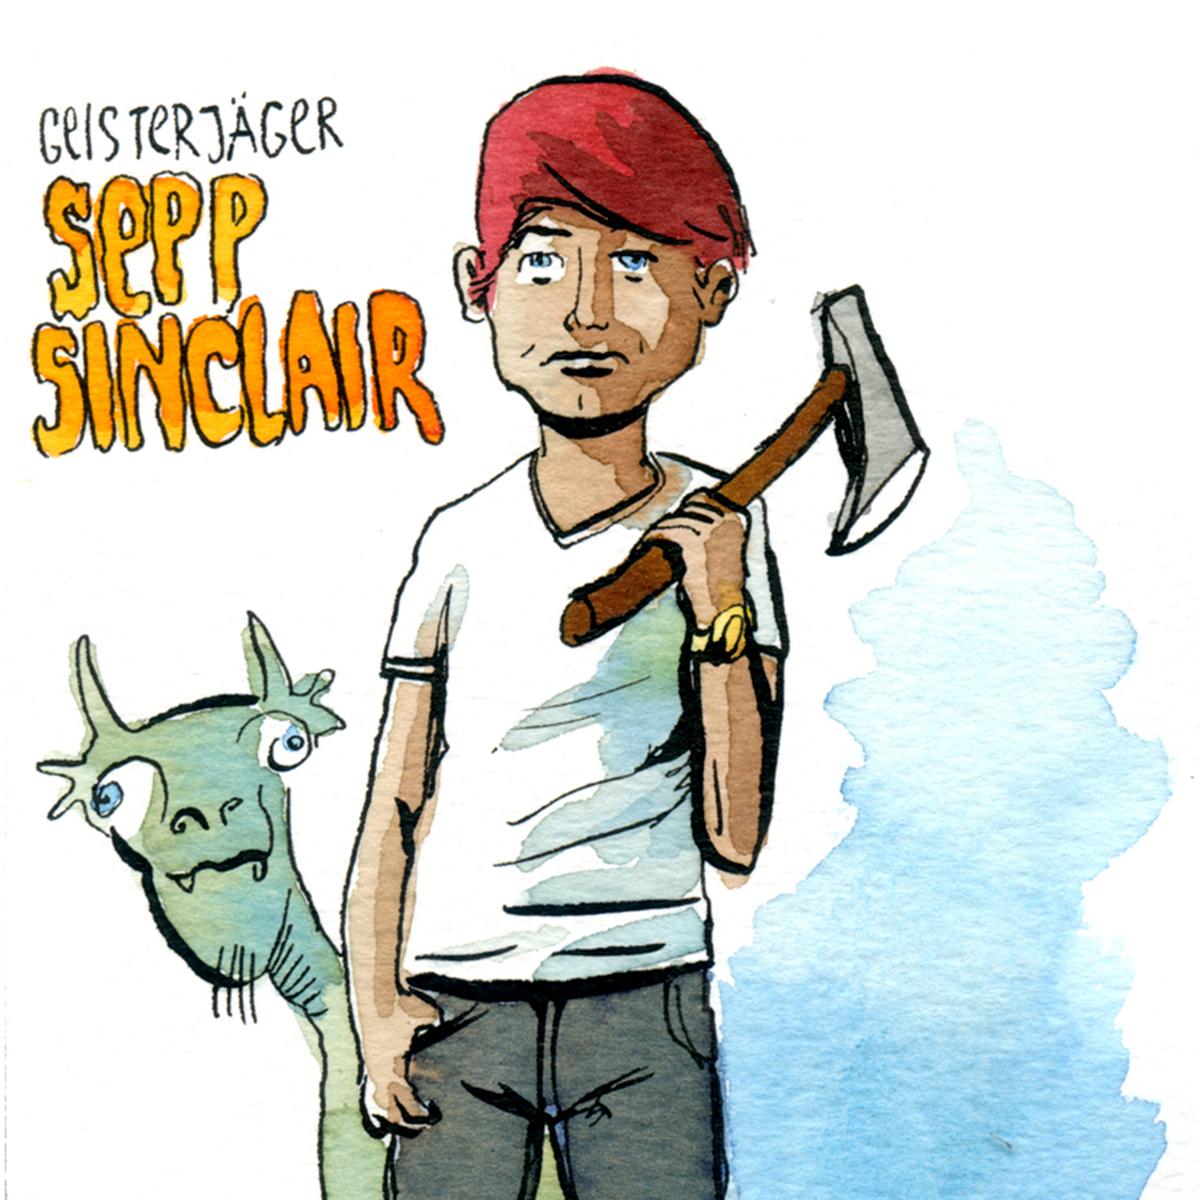 Geisterjäger Sepp Sinclair